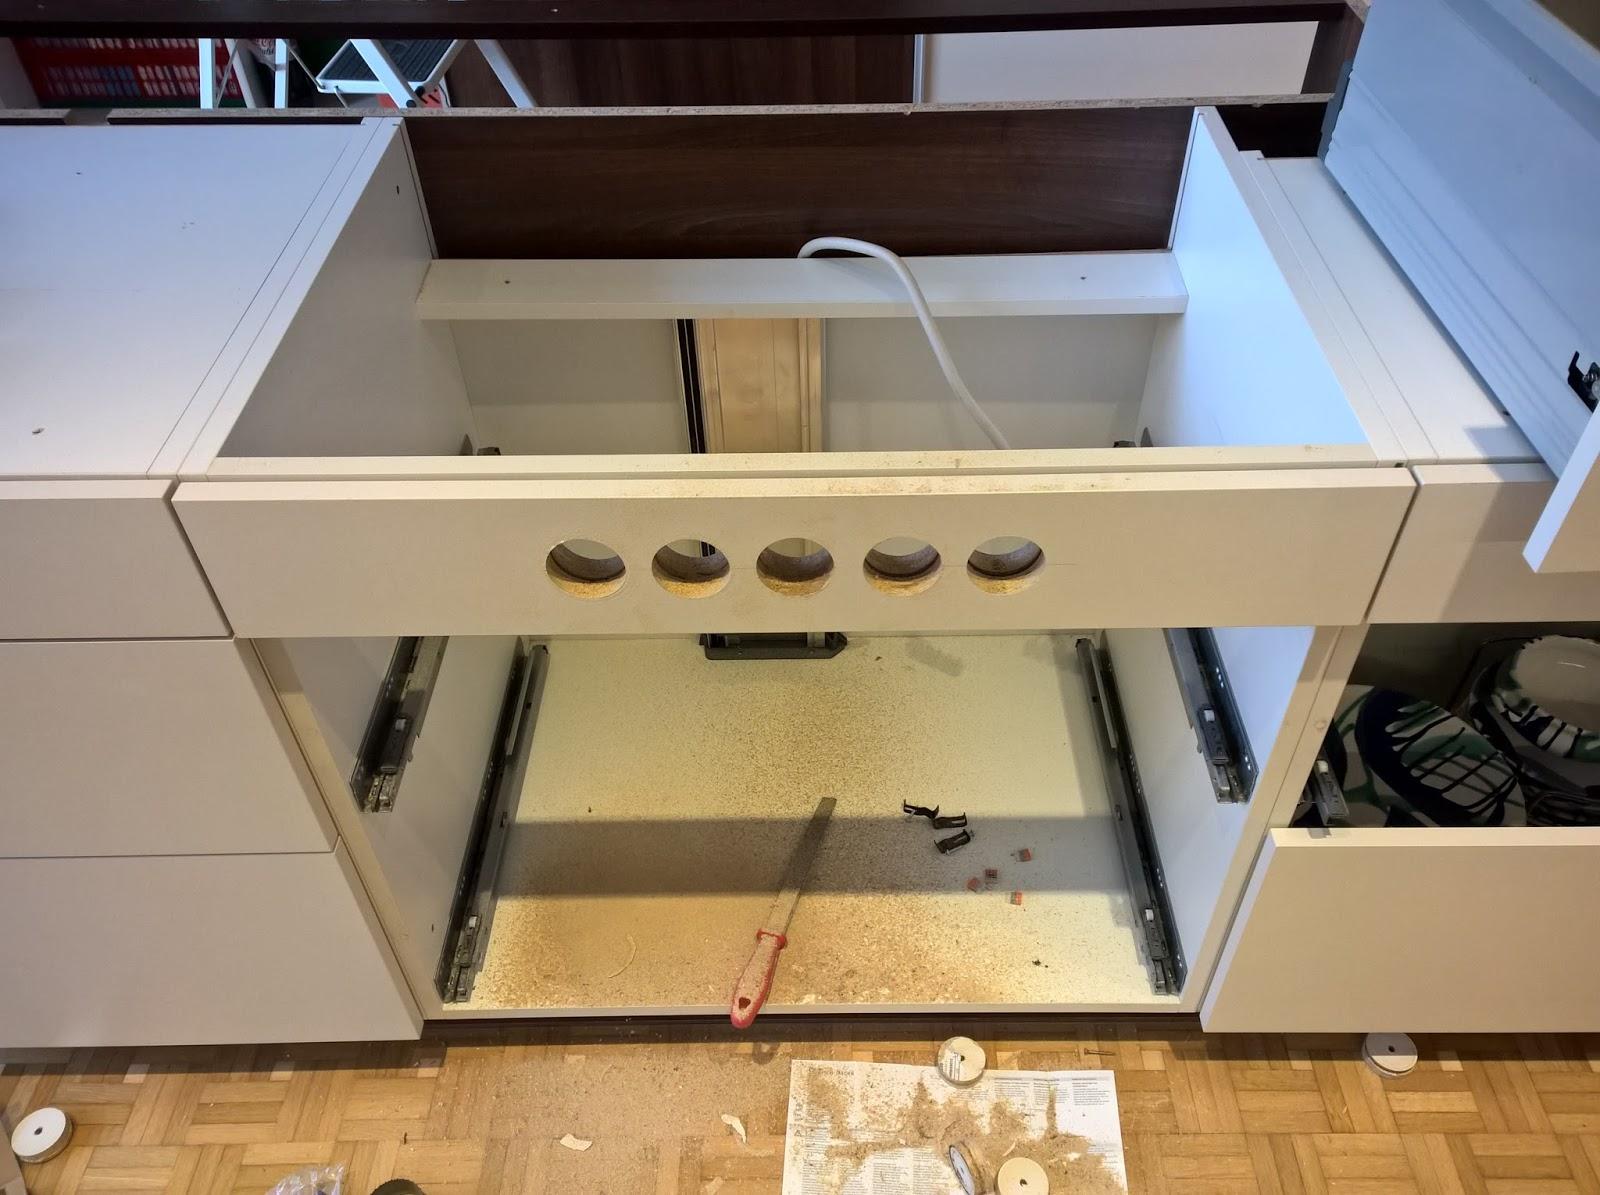 einbau steckdosen arbeitsplatte k che respekta einbau k che k chenzeile k chenblock 330 cm eiche. Black Bedroom Furniture Sets. Home Design Ideas